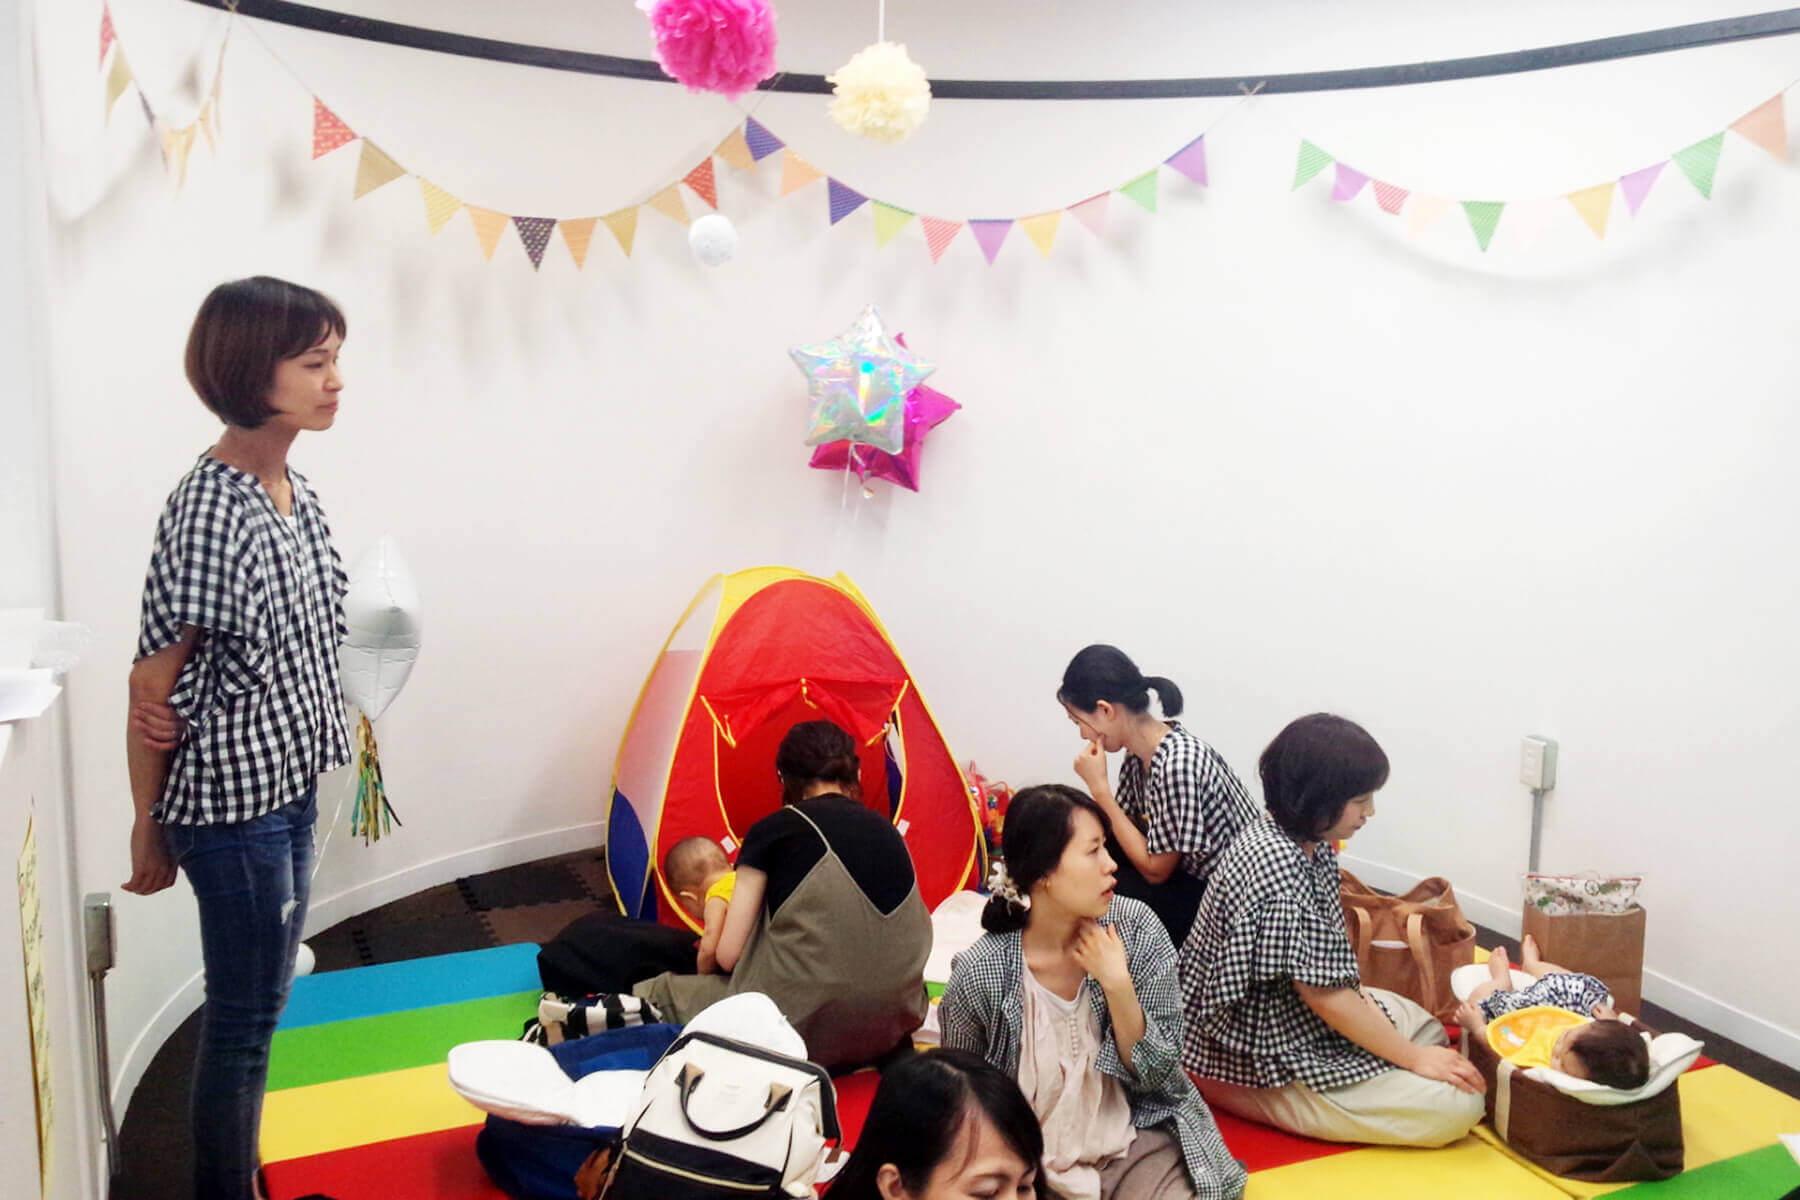 6月28日(木)「オヤモコモ サイコロトーク」inハウスプラザ佐賀②